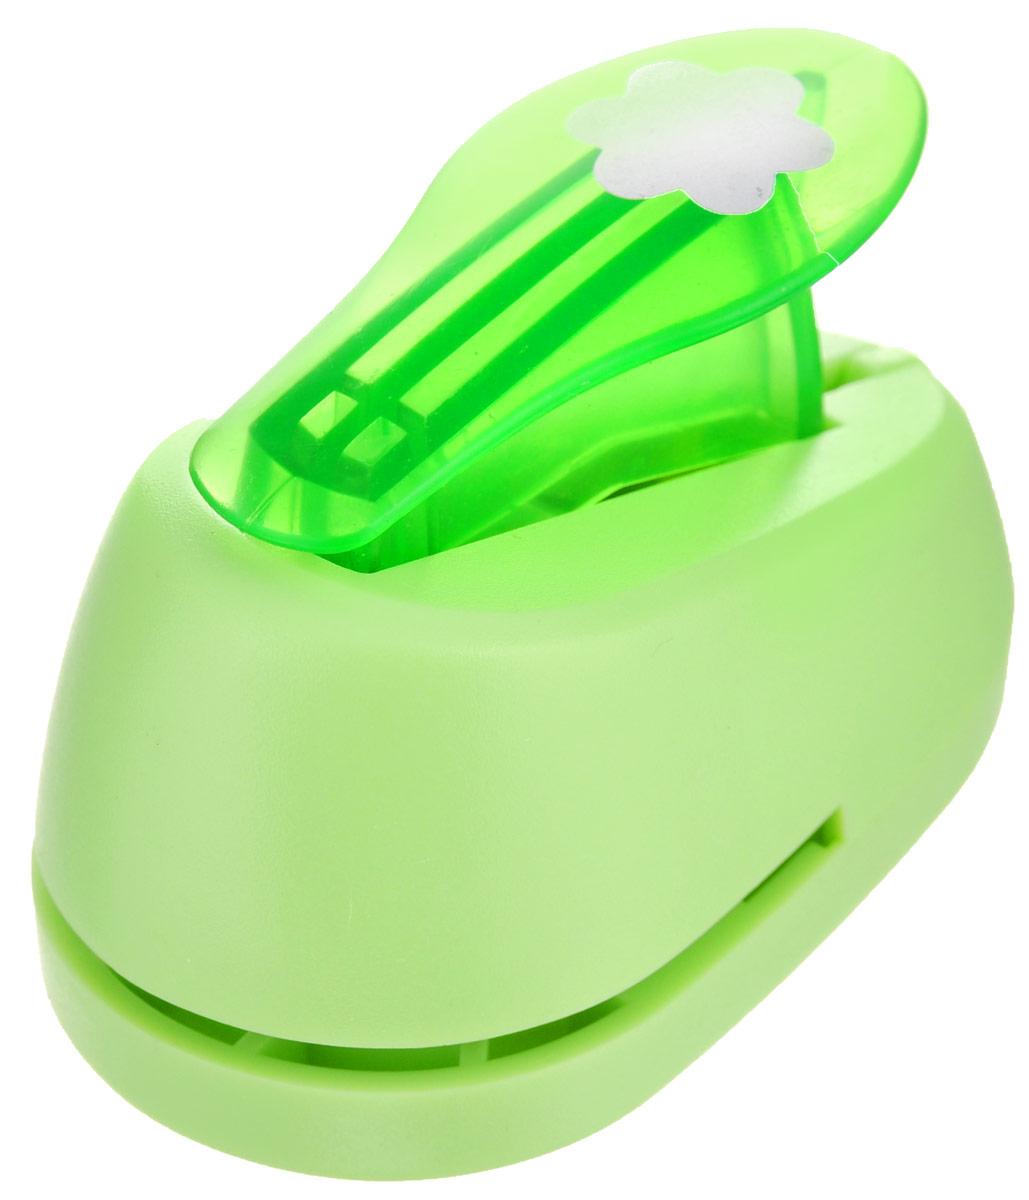 Дырокол фигурный Hobbyboom Цветок, №3, цвет: зеленый, 1,8 смFS-00897Фигурный дырокол Hobbyboom Цветок предназначен для создания творческихработ в технике скрапбукинг. С его помощью можно оригинально оформитьоткрытки, украсить подарочные коробки, конверты, фотоальбомы. Дырокол вырезает из бумаги идеально ровные фигурки в виде цветов. Предназначен для бумаги определенной плотности - до 200 г/м2. При применениина бумаге большей плотности или на картоне дырокол быстро затупится. Чтобызаточить нож компостера, нужно прокомпостировать самую тонкую наждачку.Чтобы смазать режущий механизм - парафинированную бумагу. Порядок работы: вставьте лист бумаги или картона в дырокол и надавите рычаг.Диаметр готовой фигурки: 1,8 см.